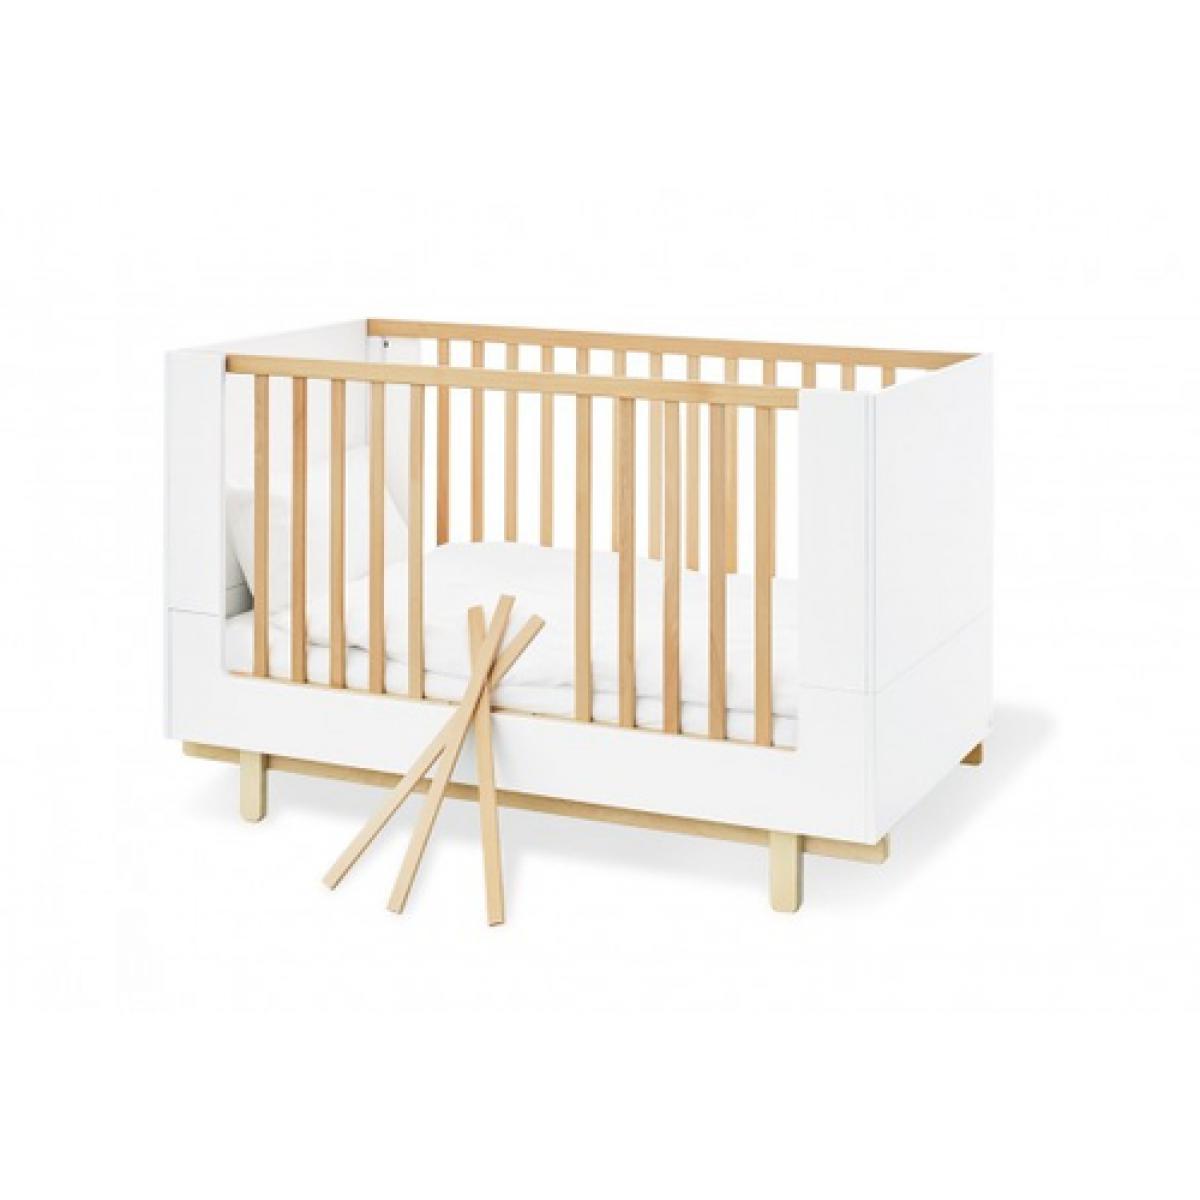 Pinolino Pinolino Chambre de bébé Boks 3 pièces lit de bébé évolutif commode à langer armoire grande